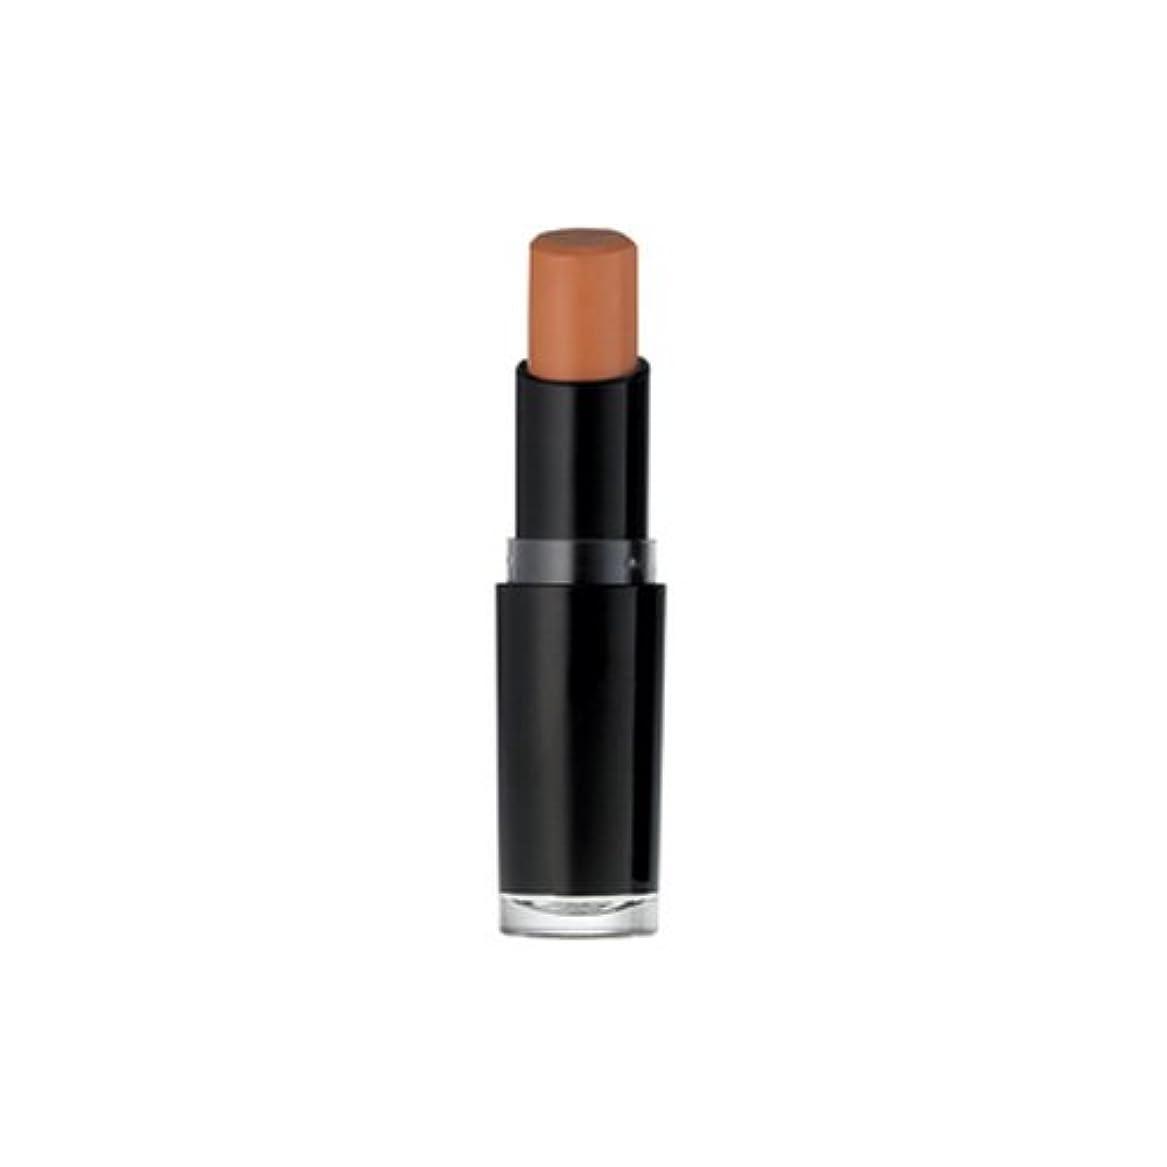 ウェブ冷ややかな不安定なWET N WILD Mega Last Matte Lip Cover - Pink Suga (並行輸入品)